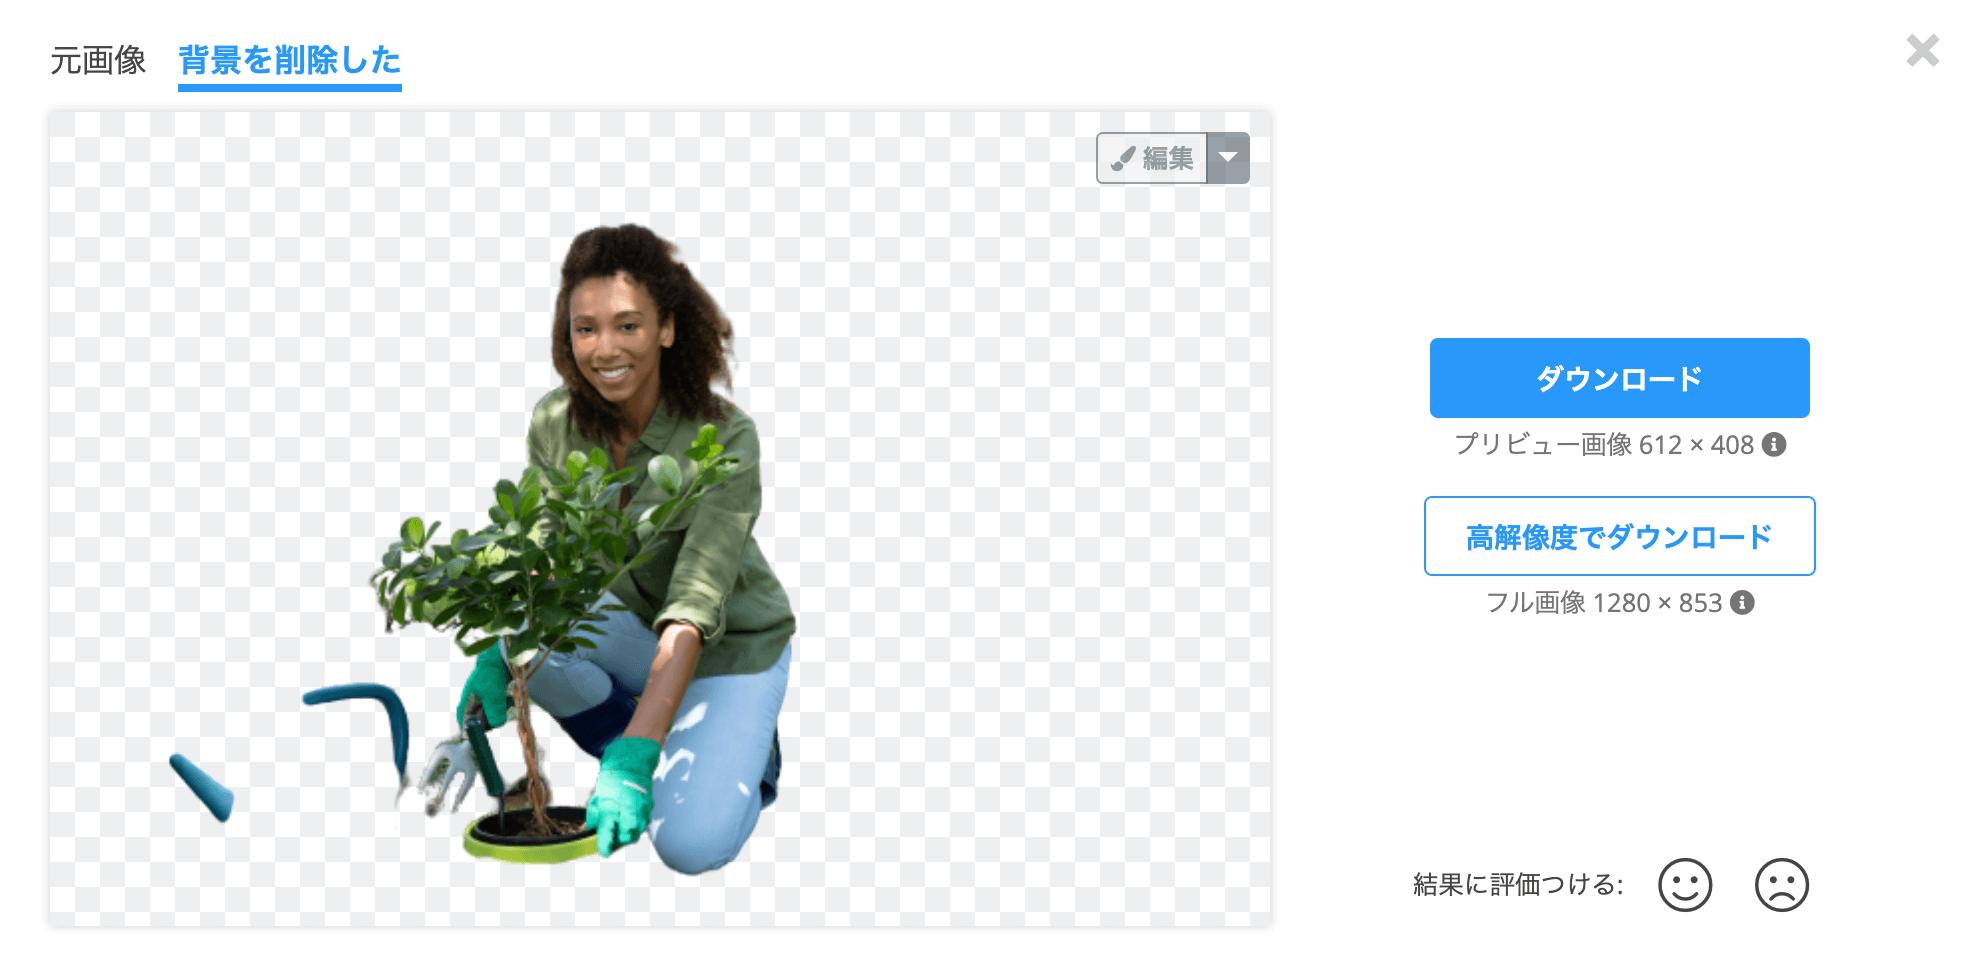 remove bgでうまく背景を透明化できない画像